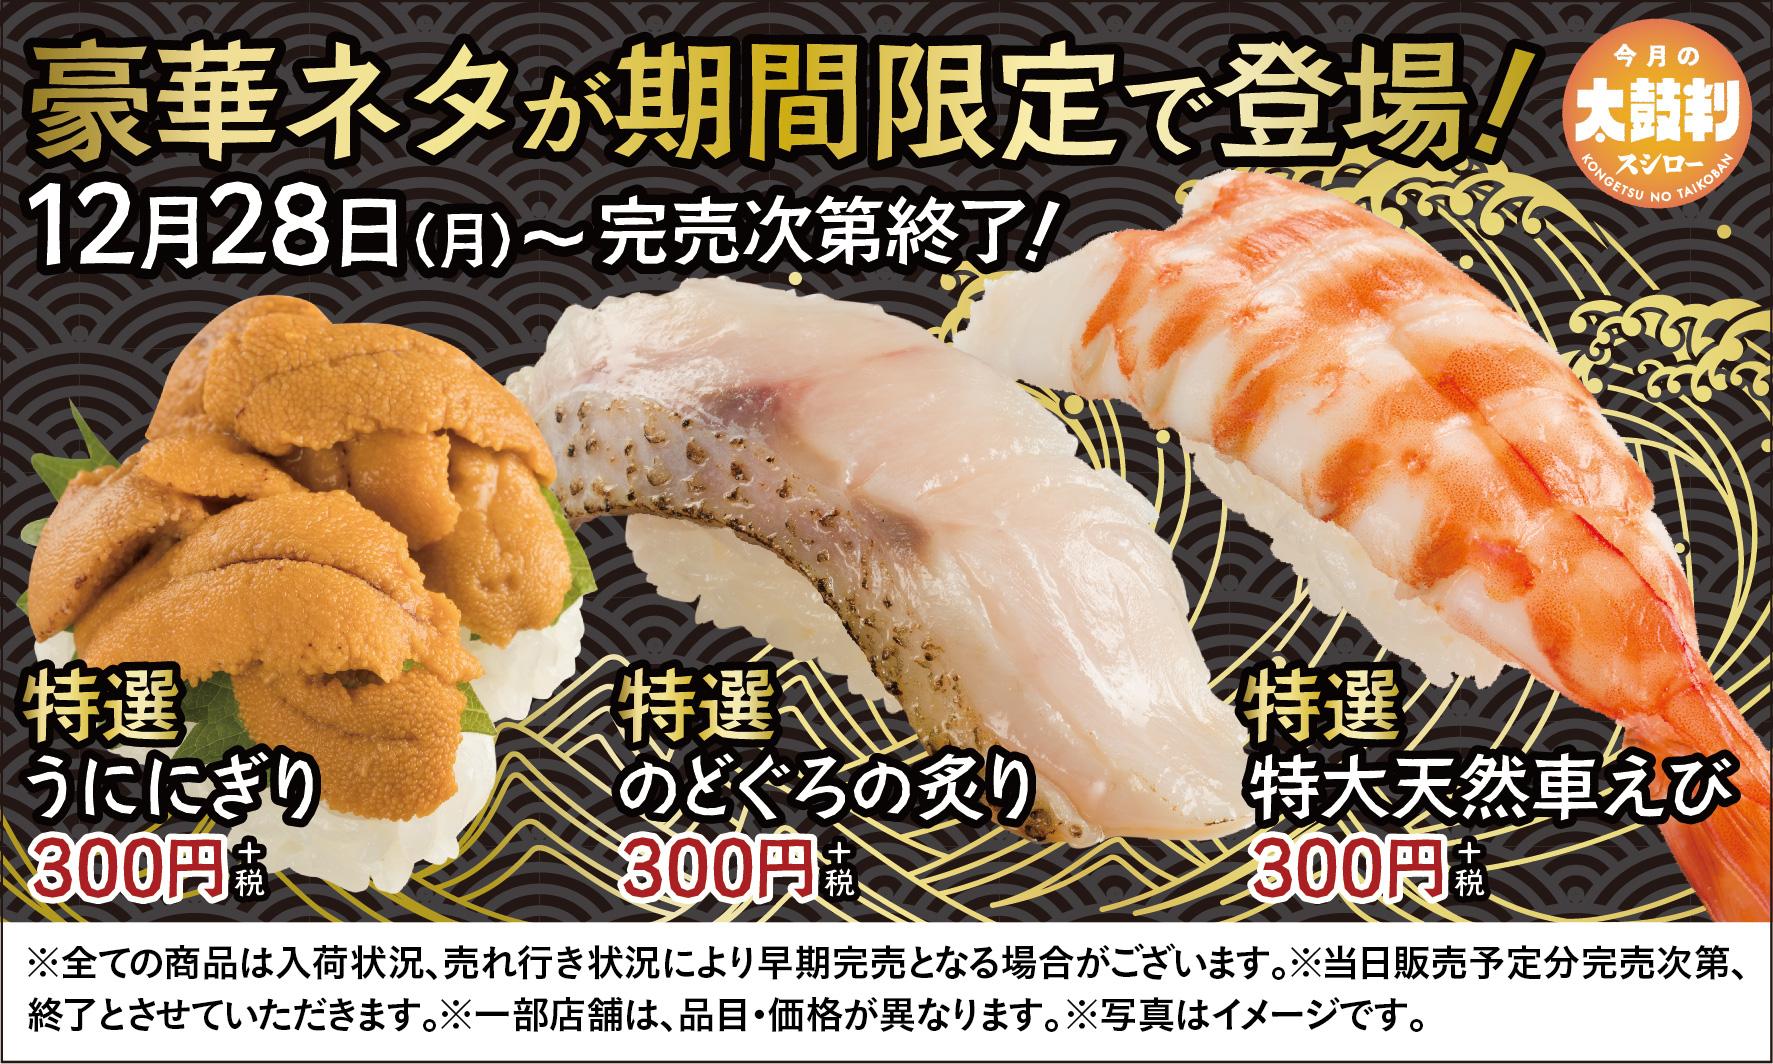 回転 寿司 コロナ